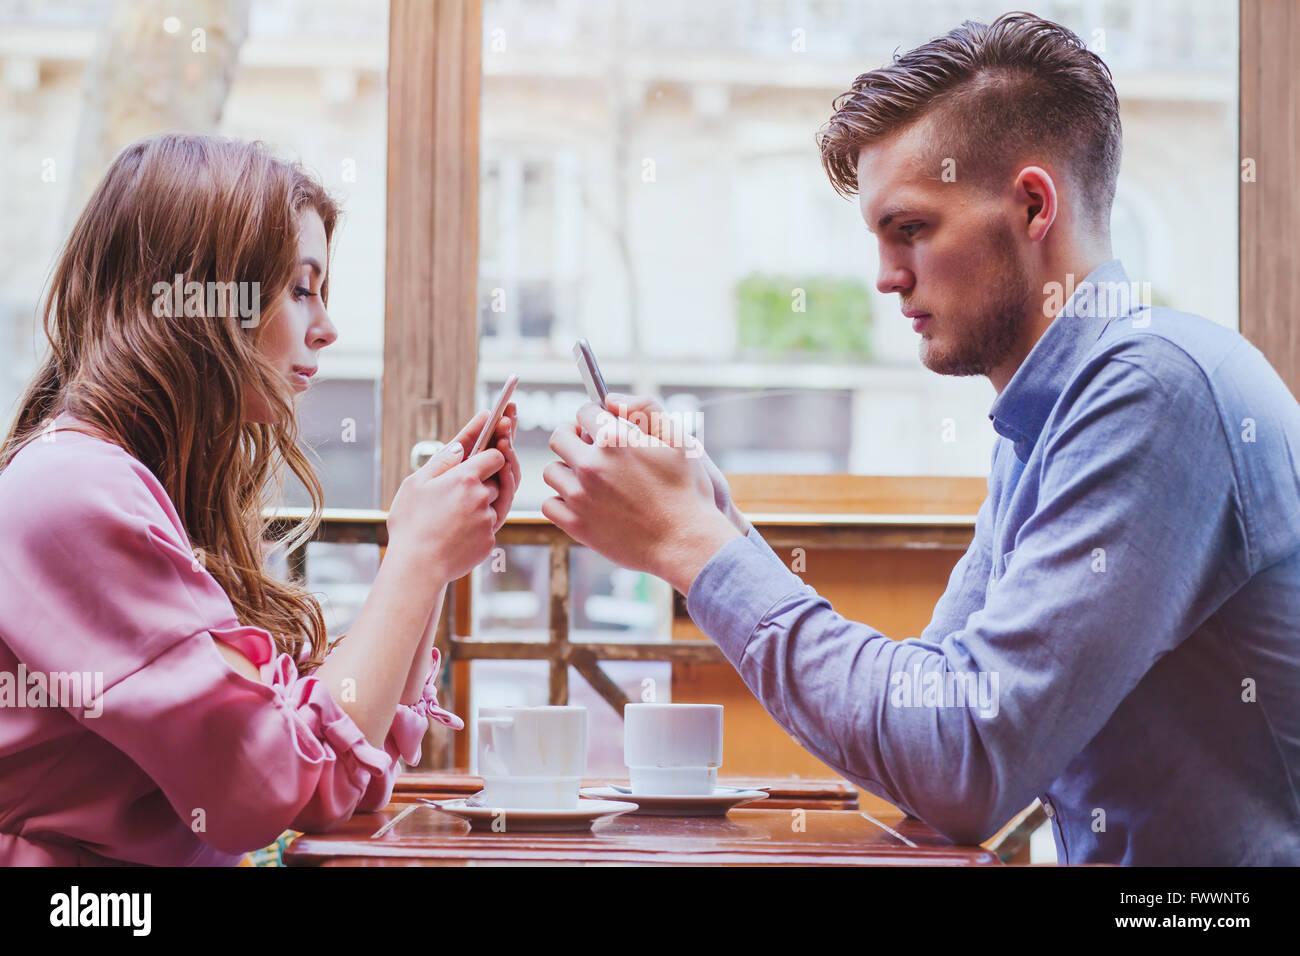 immer verbunden, Internetsucht, junges Paar im Café Blick auf ihren Smartphones, soziale Netzwerk-Konzept Stockbild